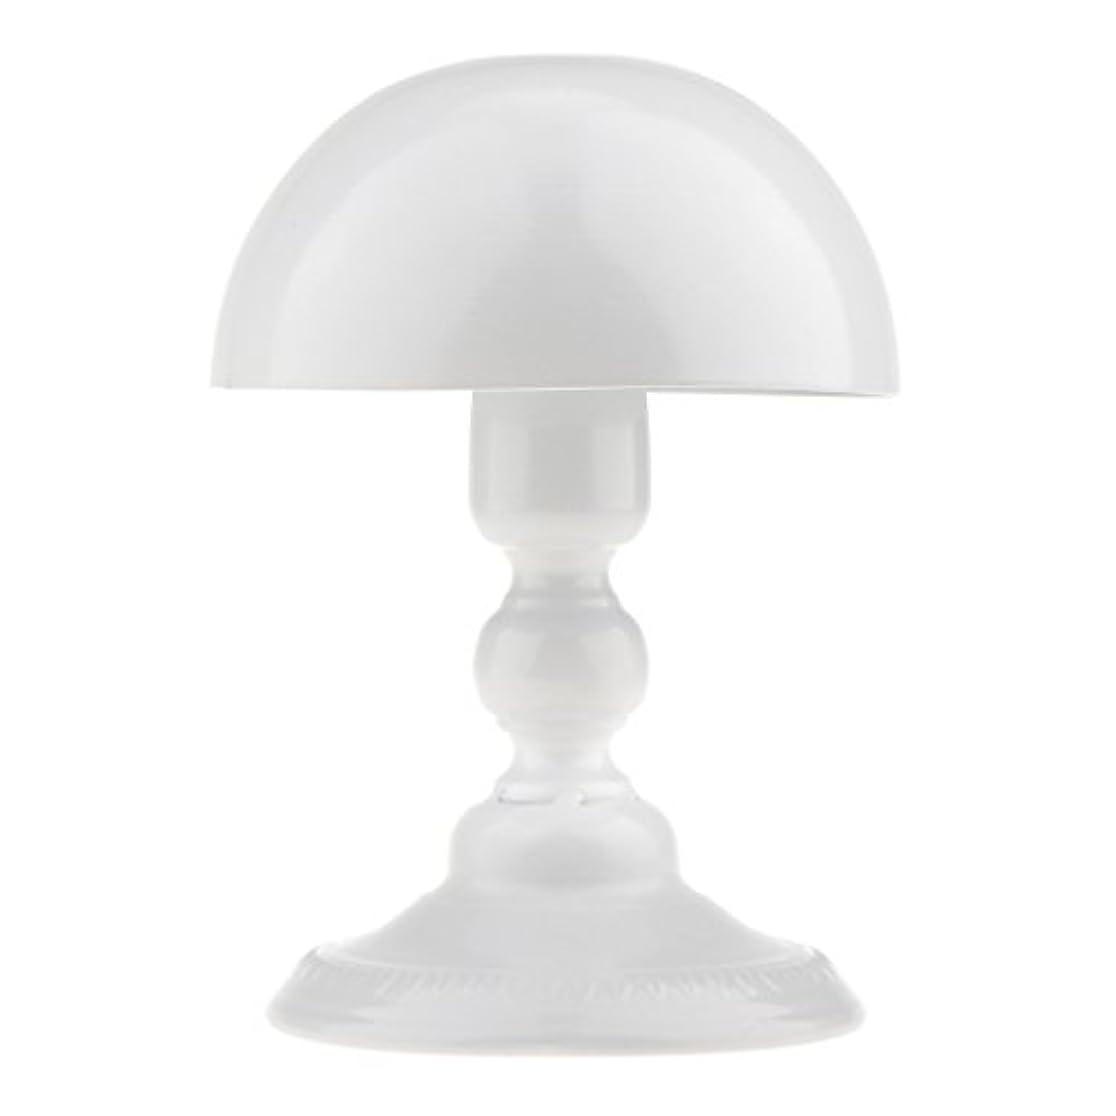 つまらない自信があるスクランブルToygogo アイロン製 ウィッグスタンド 帽子スタンド かつらホルダー 収納 ディスプレイ 全3色 - ホワイト